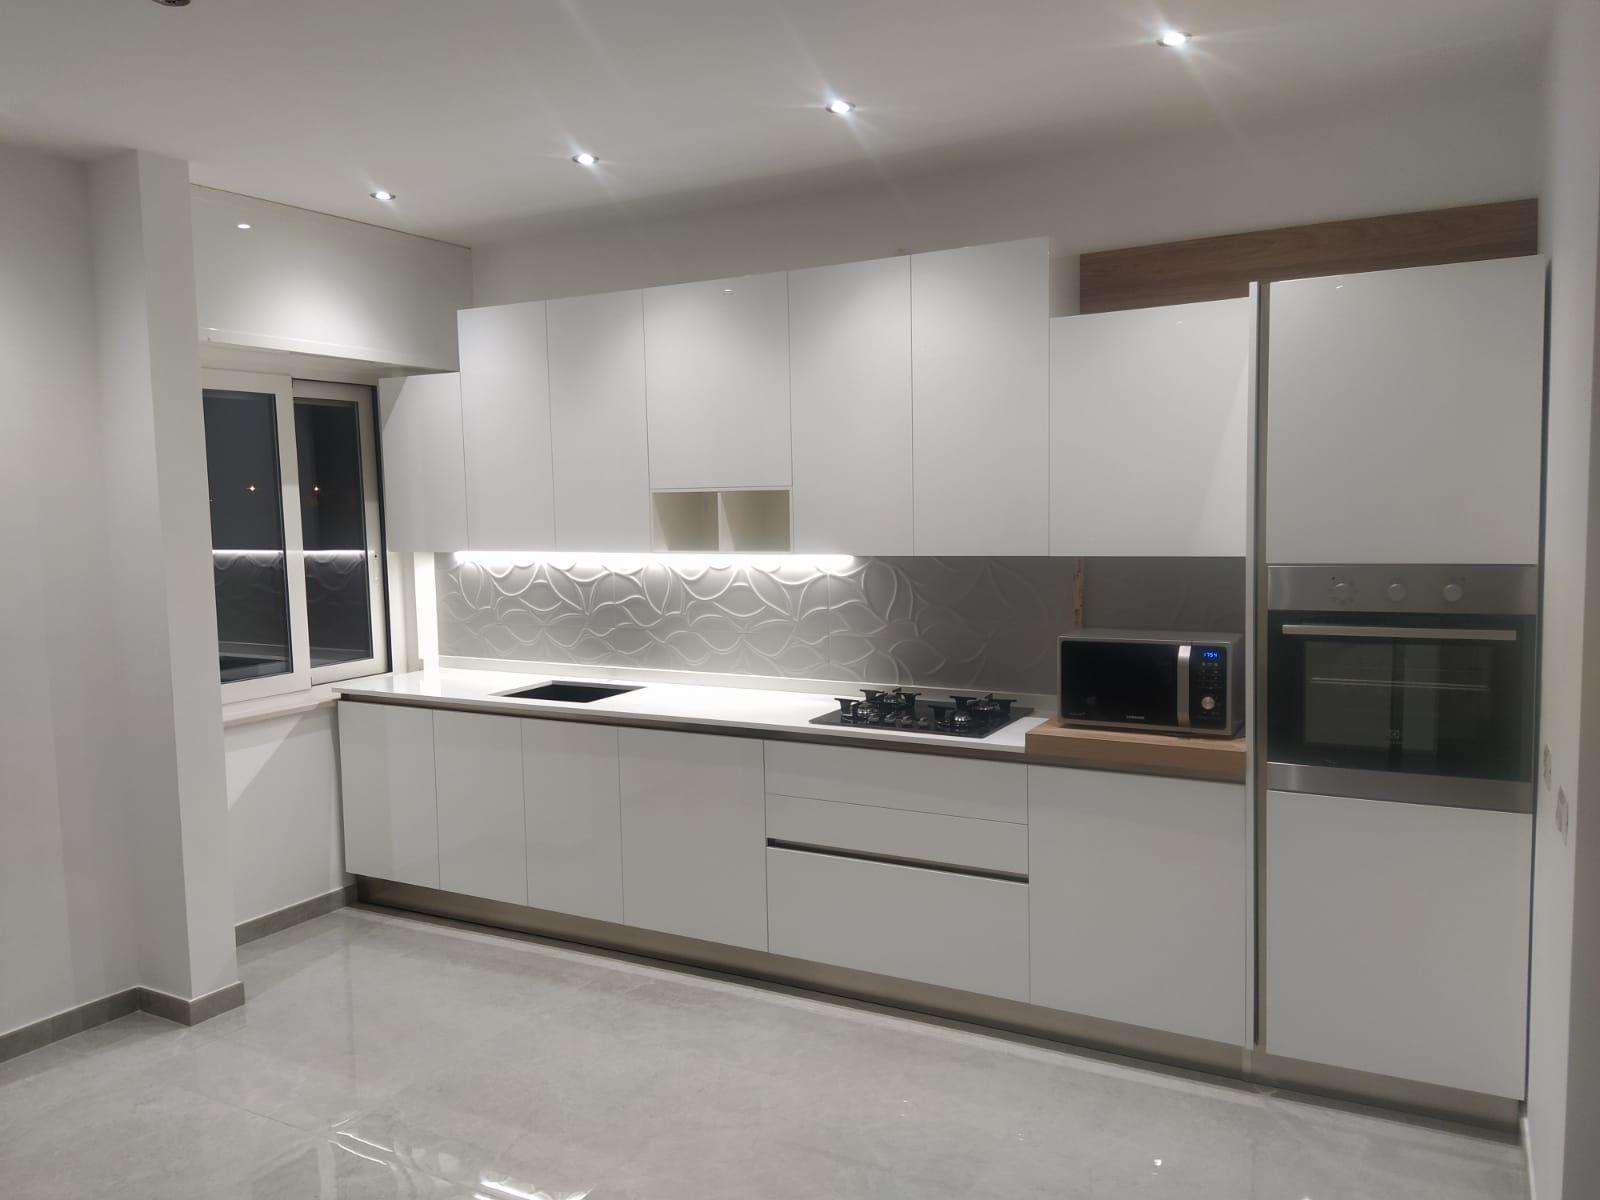 cucina bianca con gola